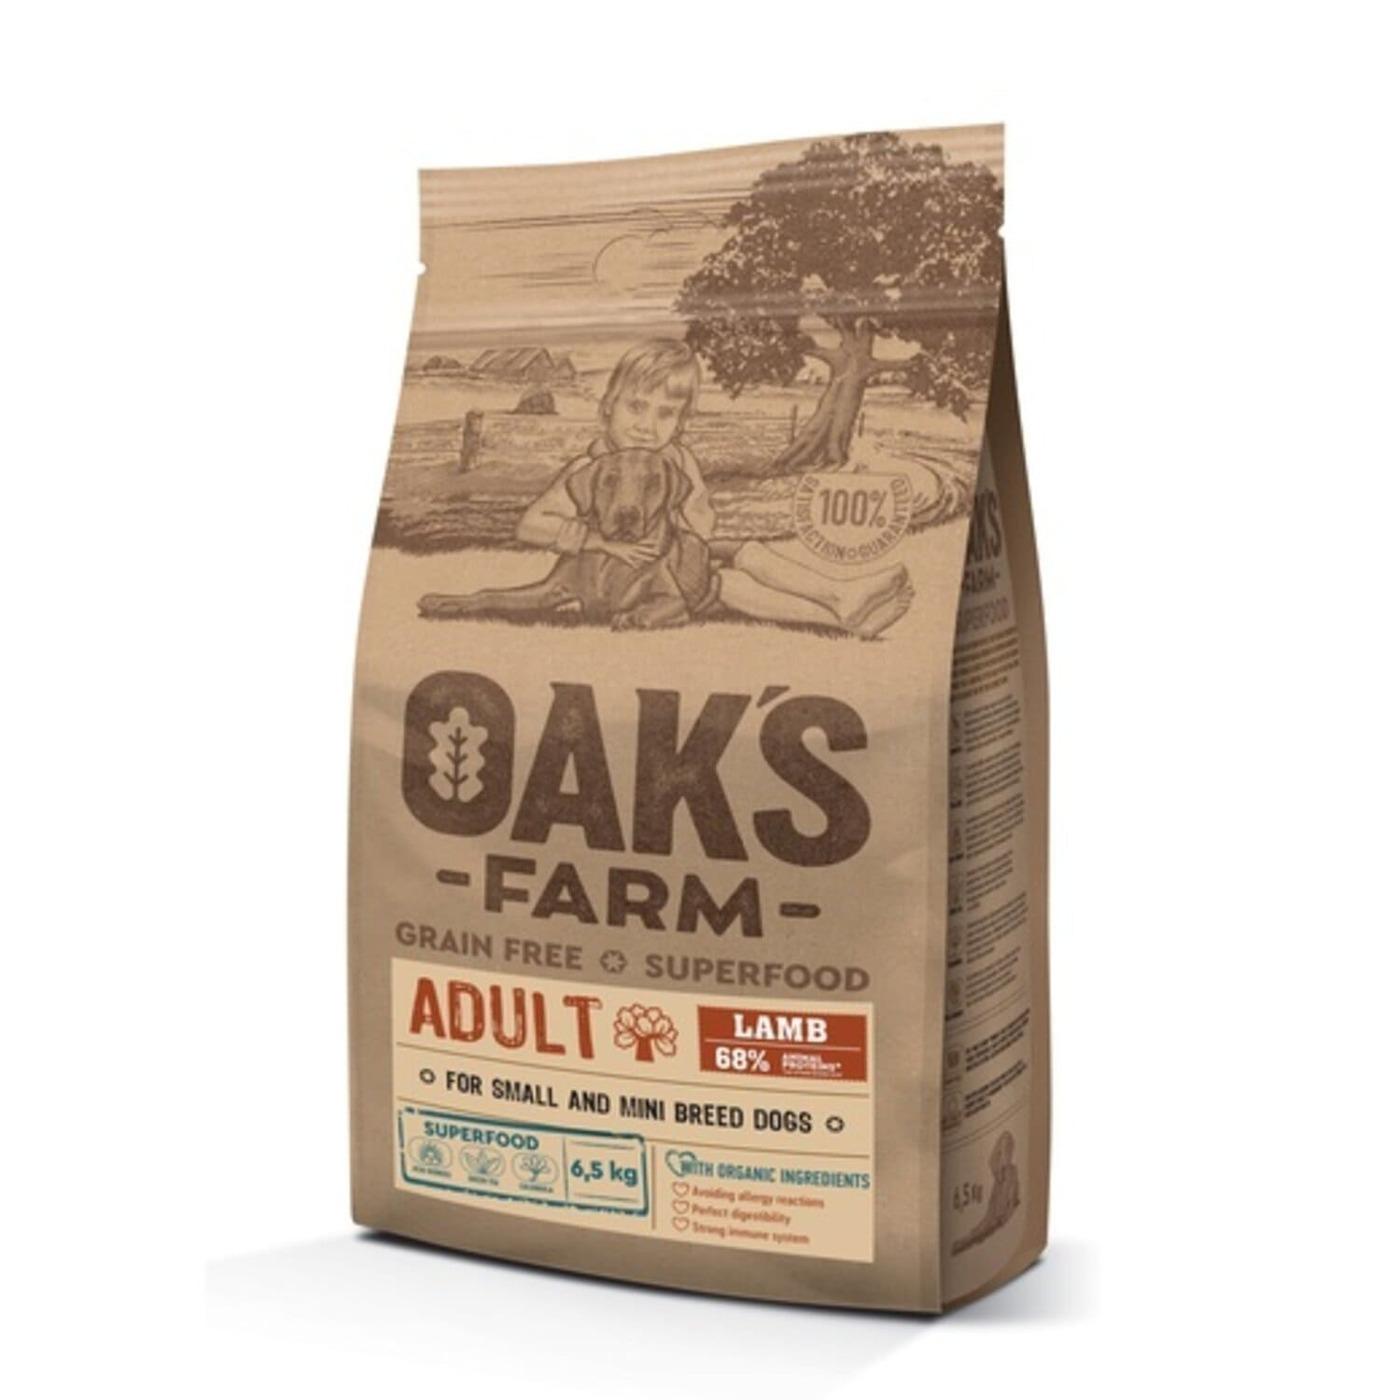 Oaks Farm GF сухой корм для собак мелких и карликовых пород, ягненок 6,5 кг